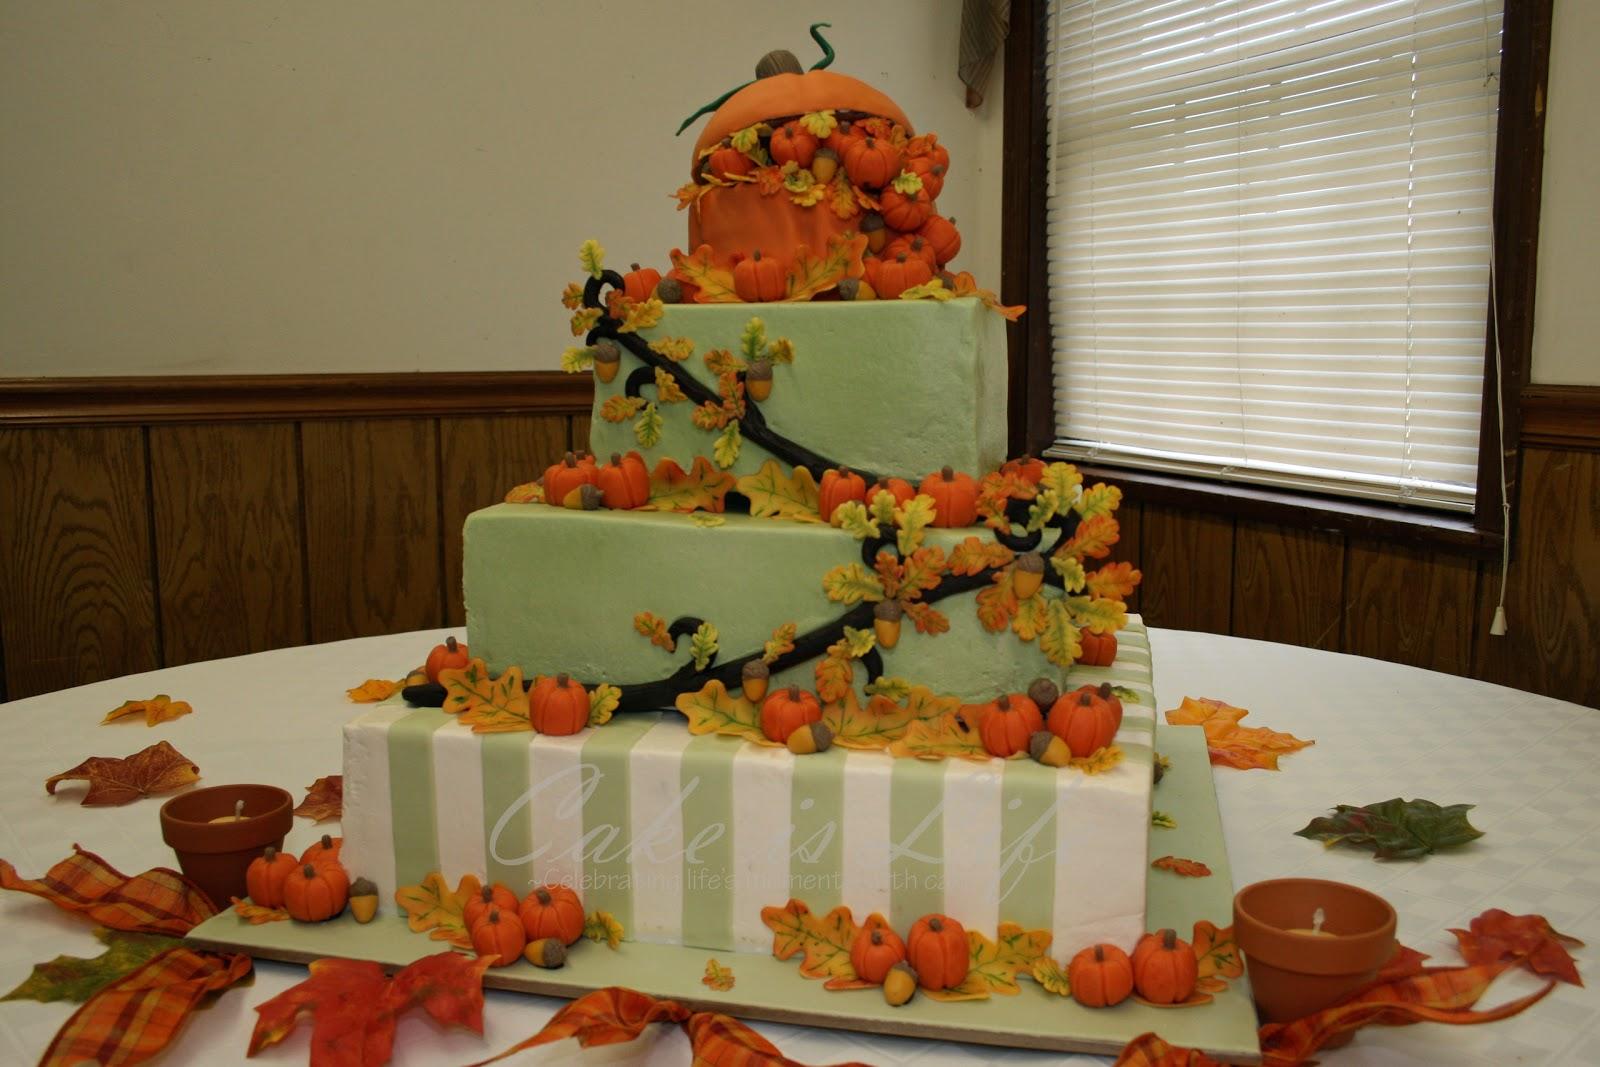 Autumn Vanilla Picture: Autumn Themed Wedding Cakes